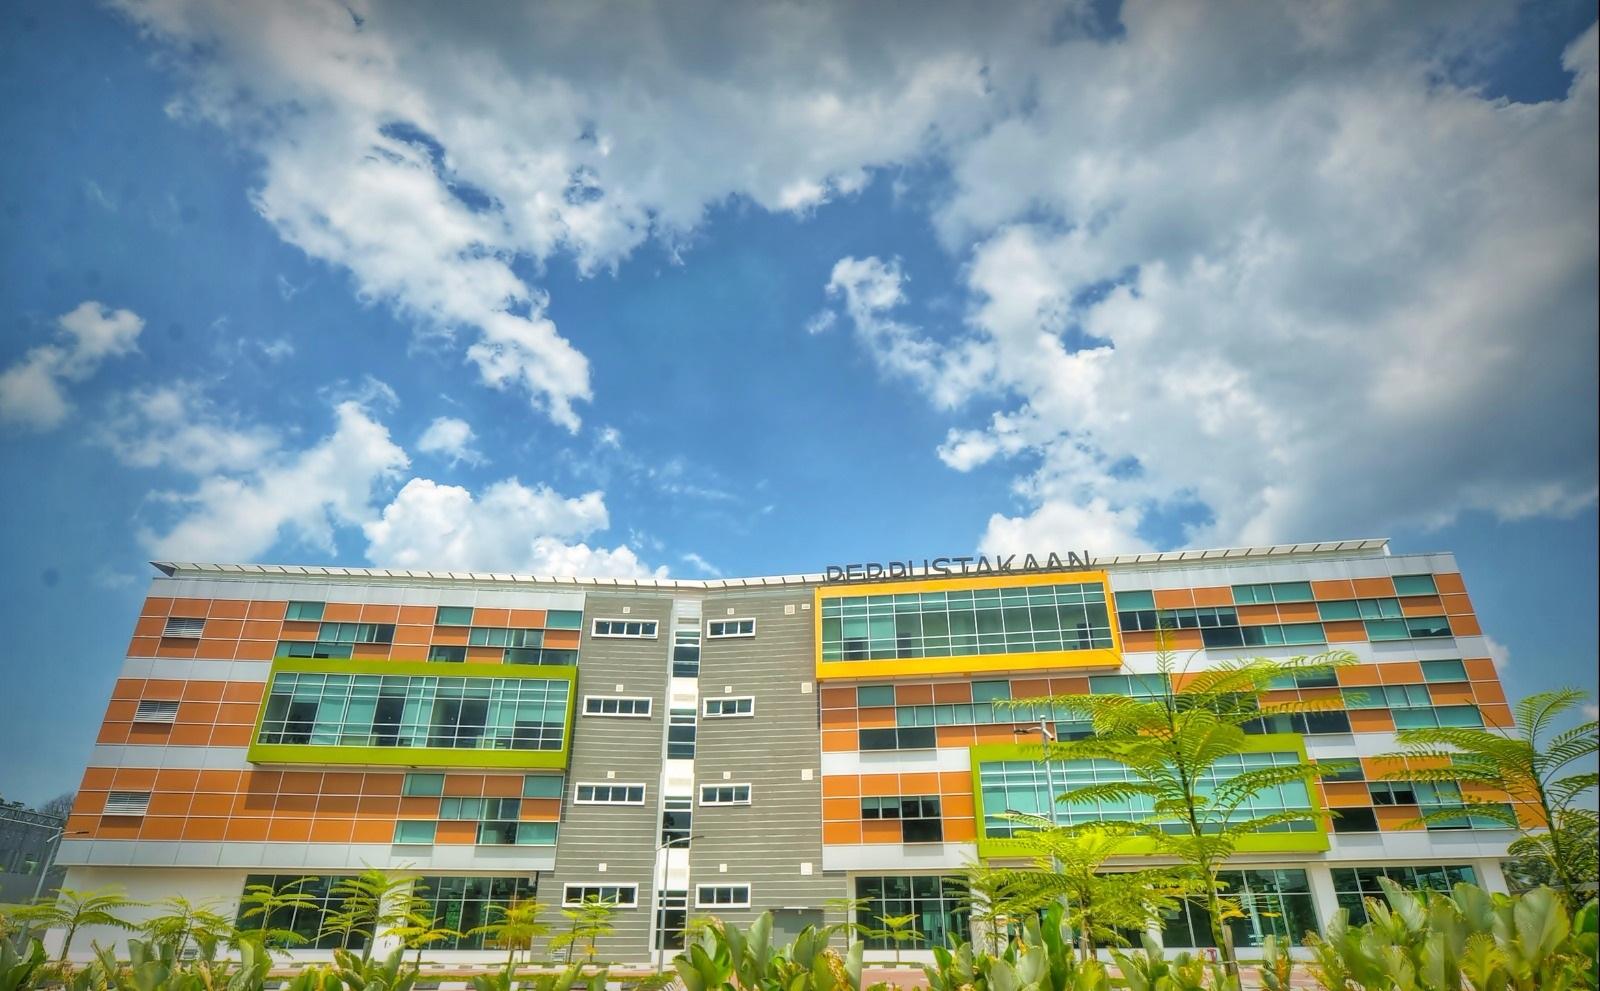 Majlis Perasmian Perpustakaan Awam, Pahang